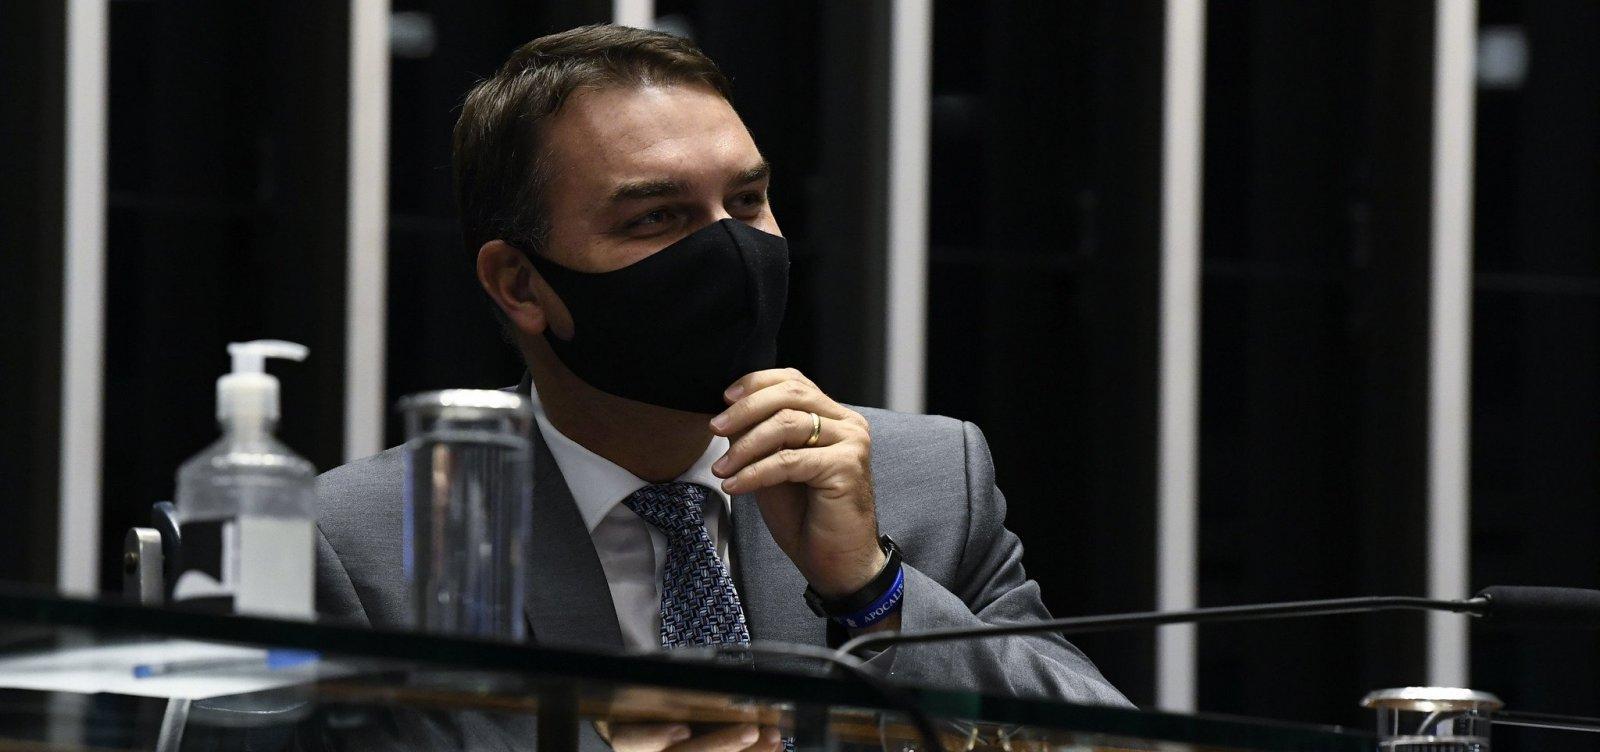 'Esfera federal não tem nada a ver', declara Flávio Bolsonaro sobre crise em Manaus